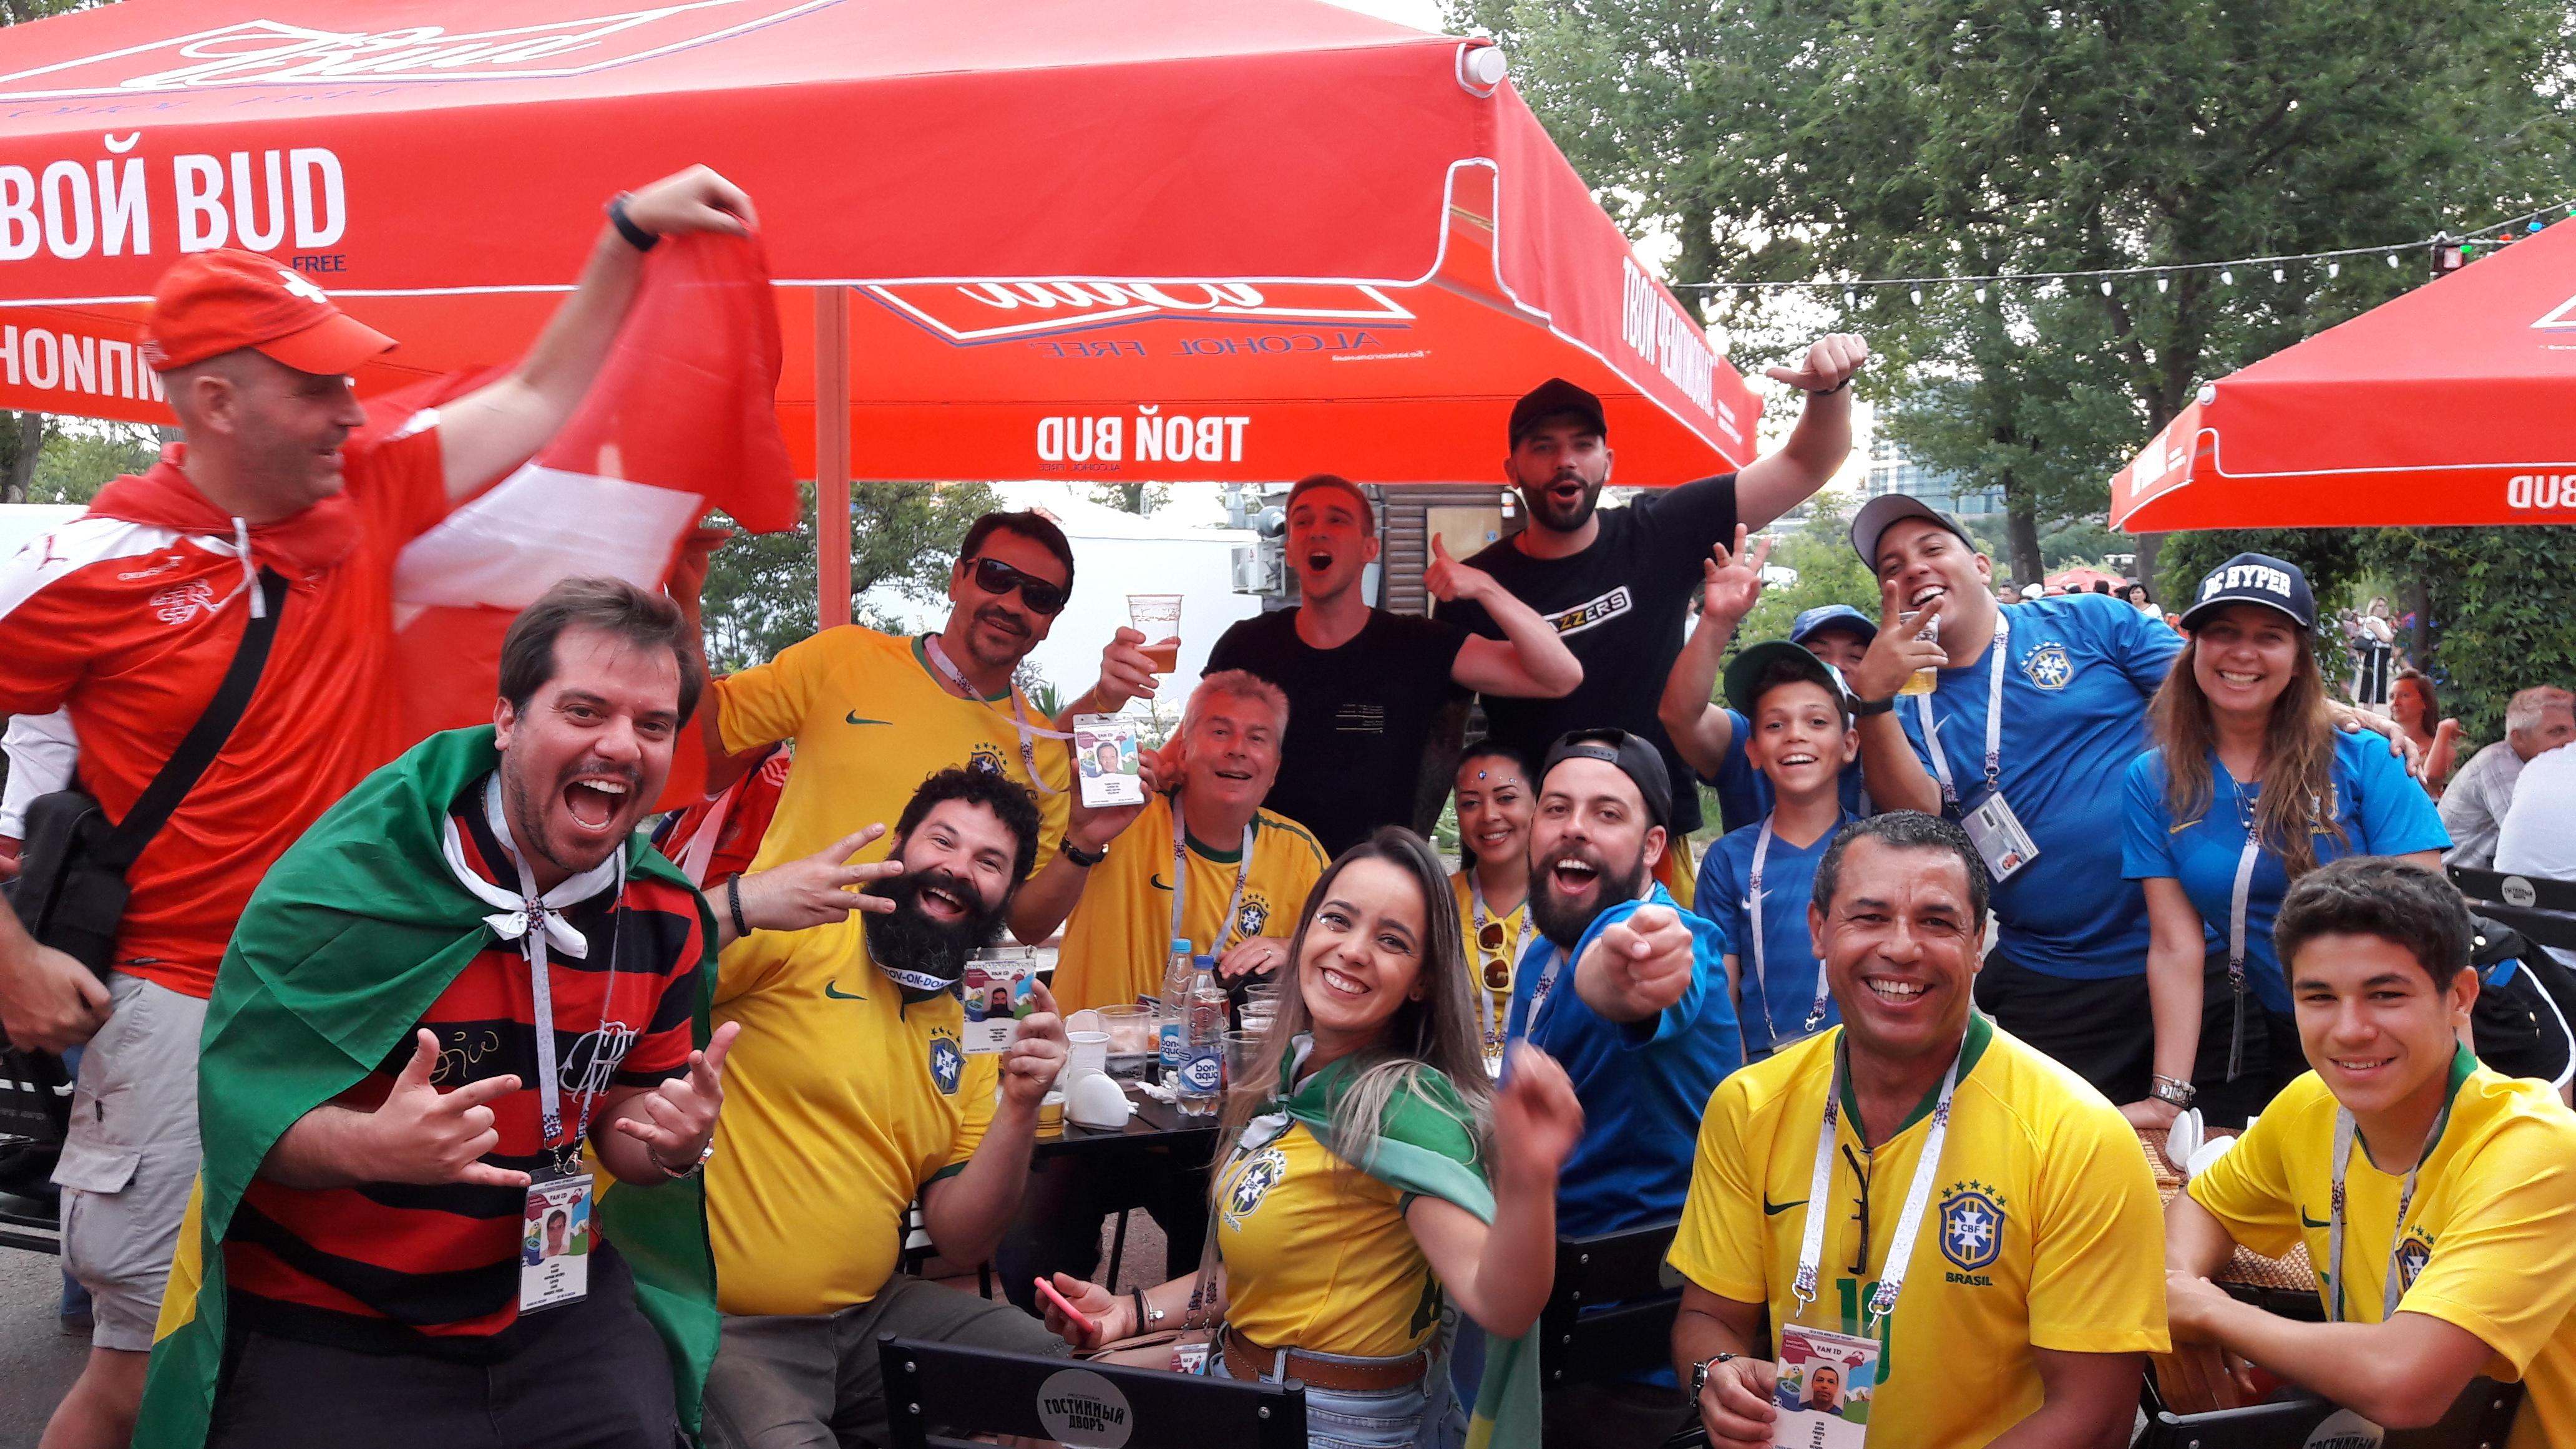 Grupo Mediolanum na Copa do Mundo na Rus